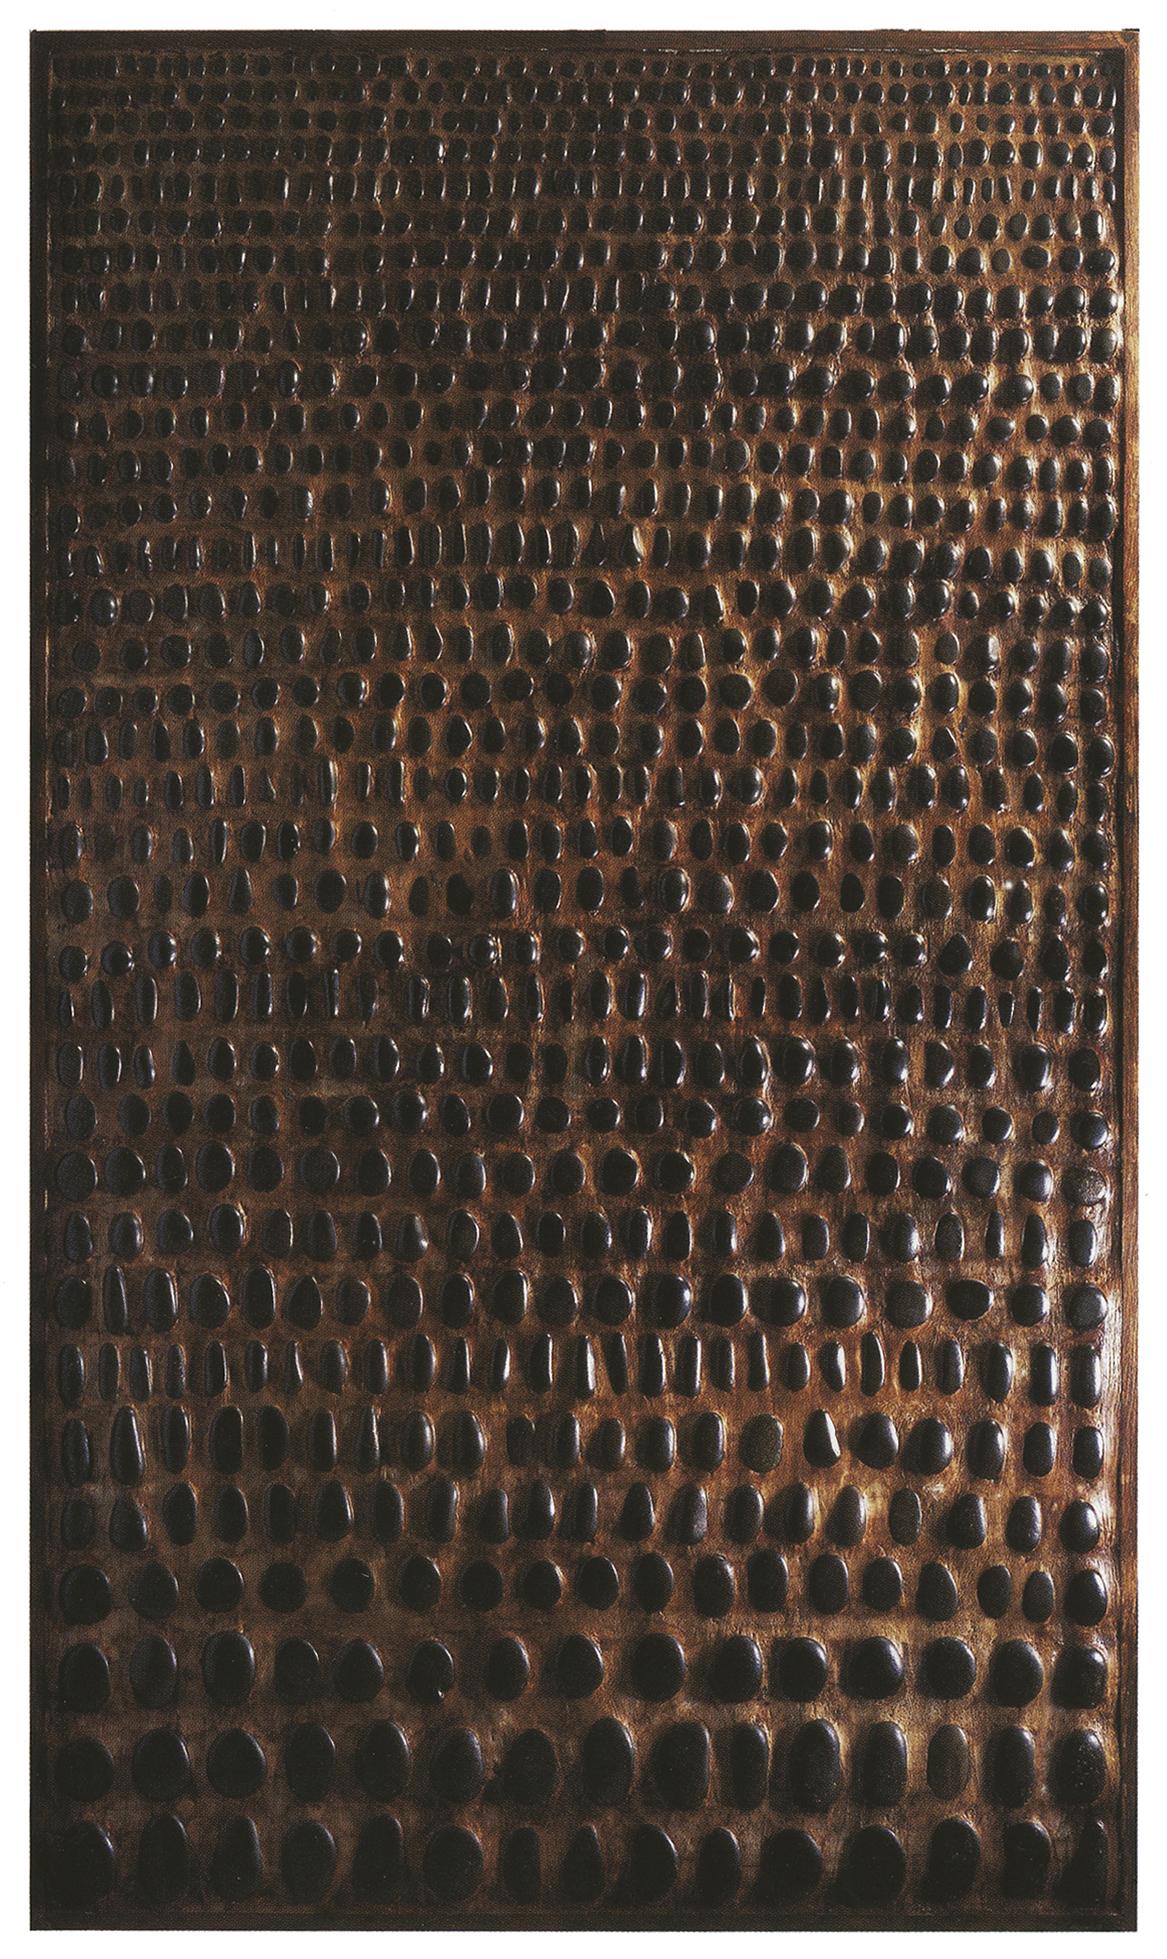 Shangaï  H 205 cm - L 100 cm Cadre en chêne, galets, ciment teinté ciré